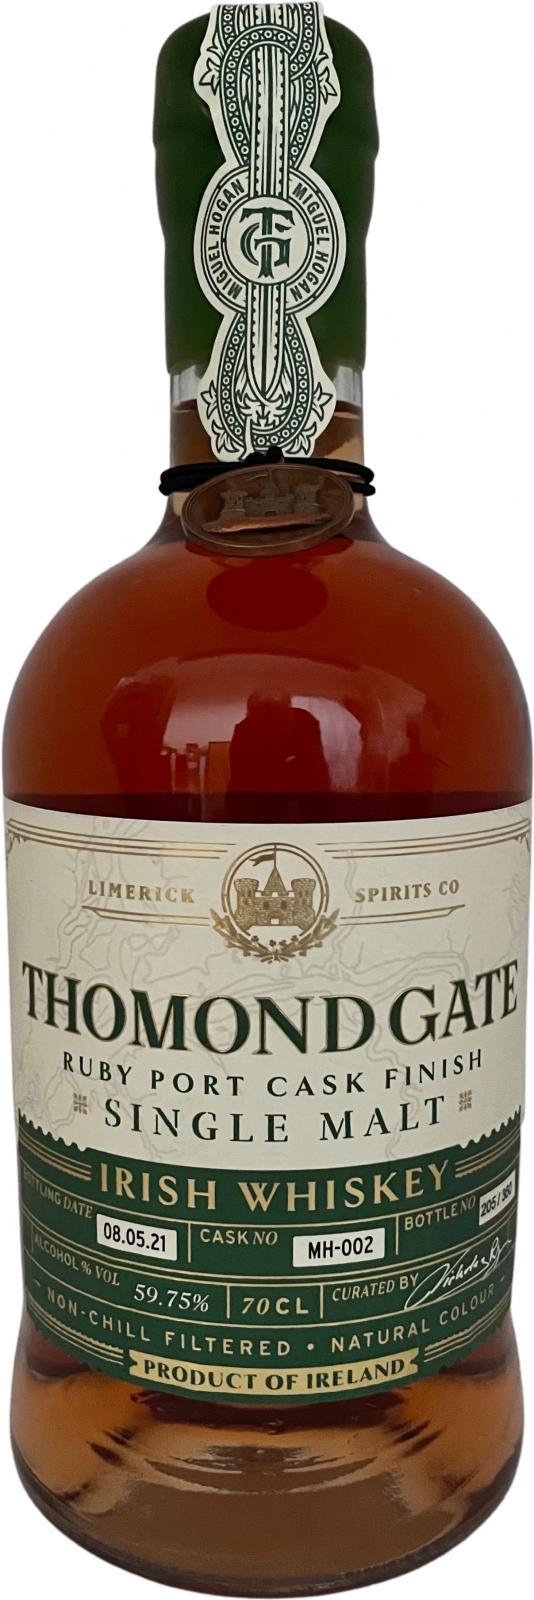 Thomond Gate Miguel Hogan TLS